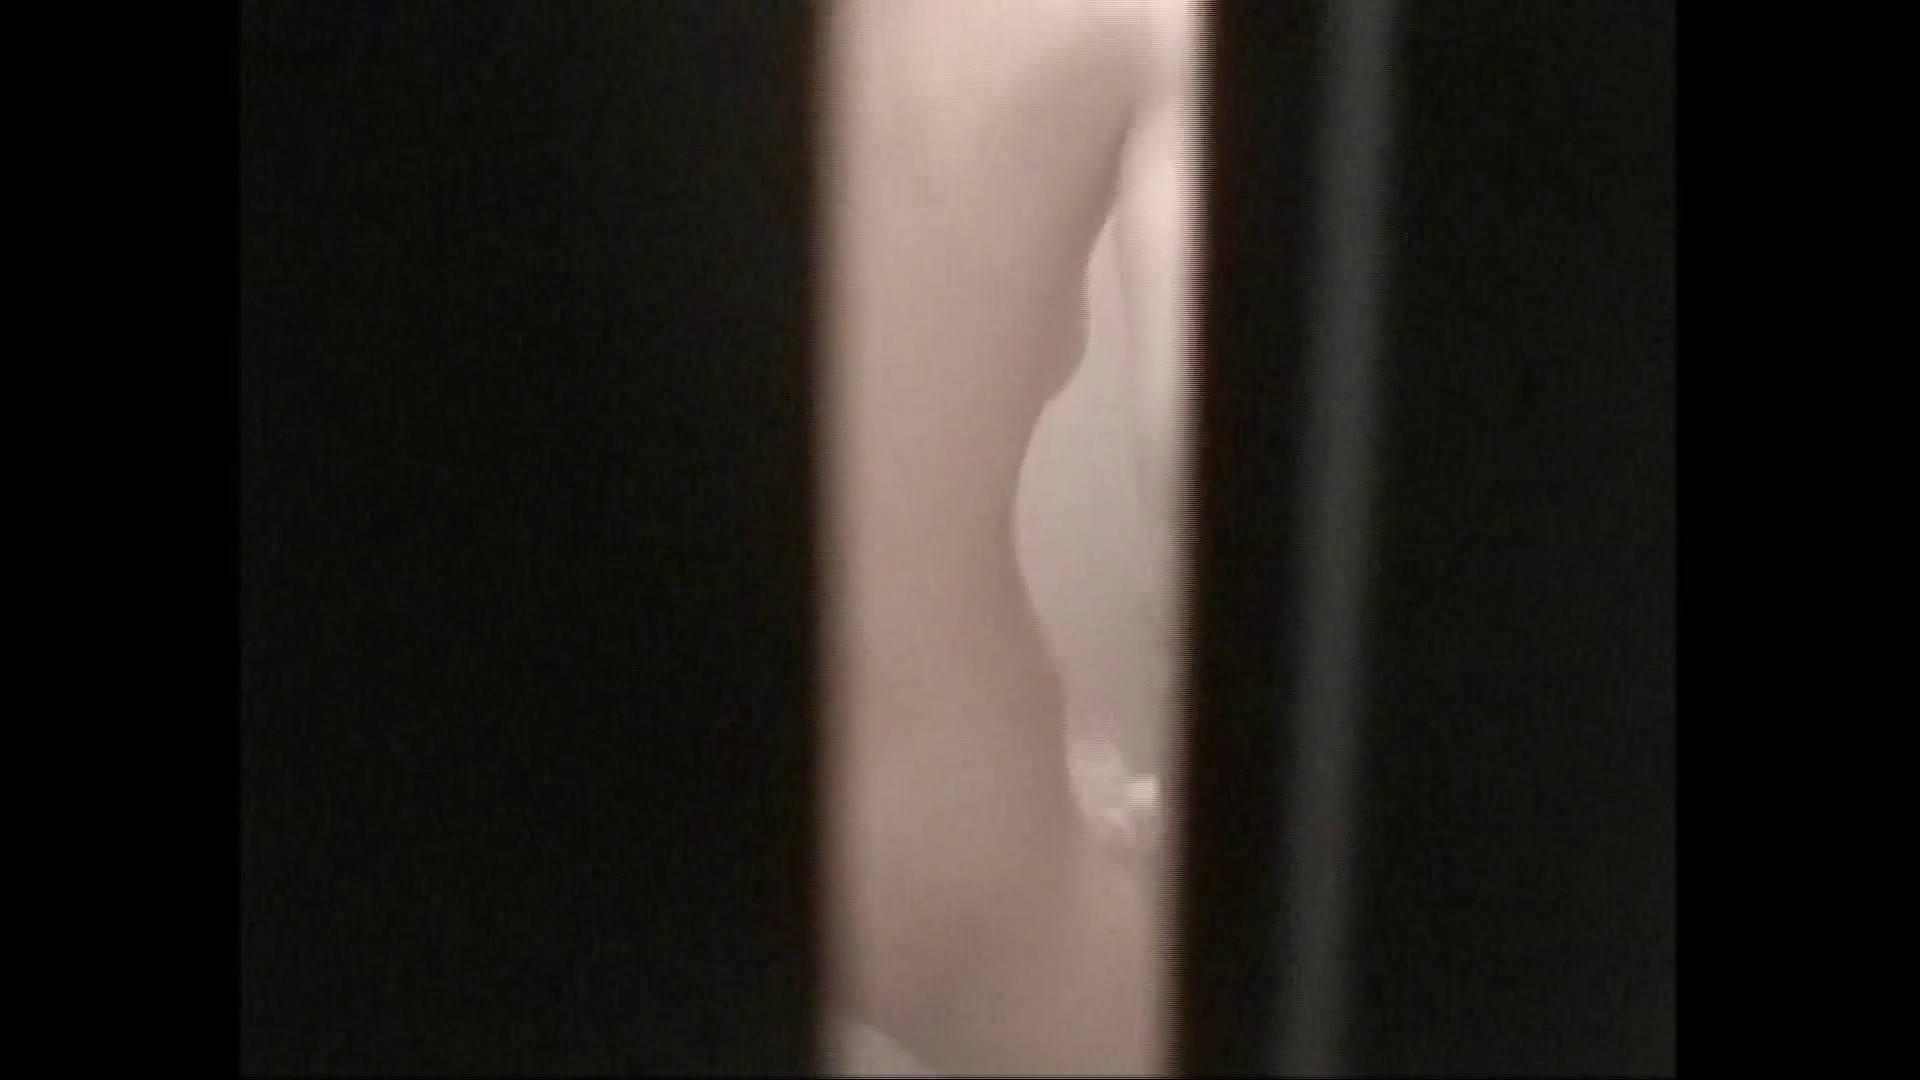 隙間からノゾク風呂 Vol.29 股をグイッとひらいて・・・。 OL   入浴シーン  89連発 21